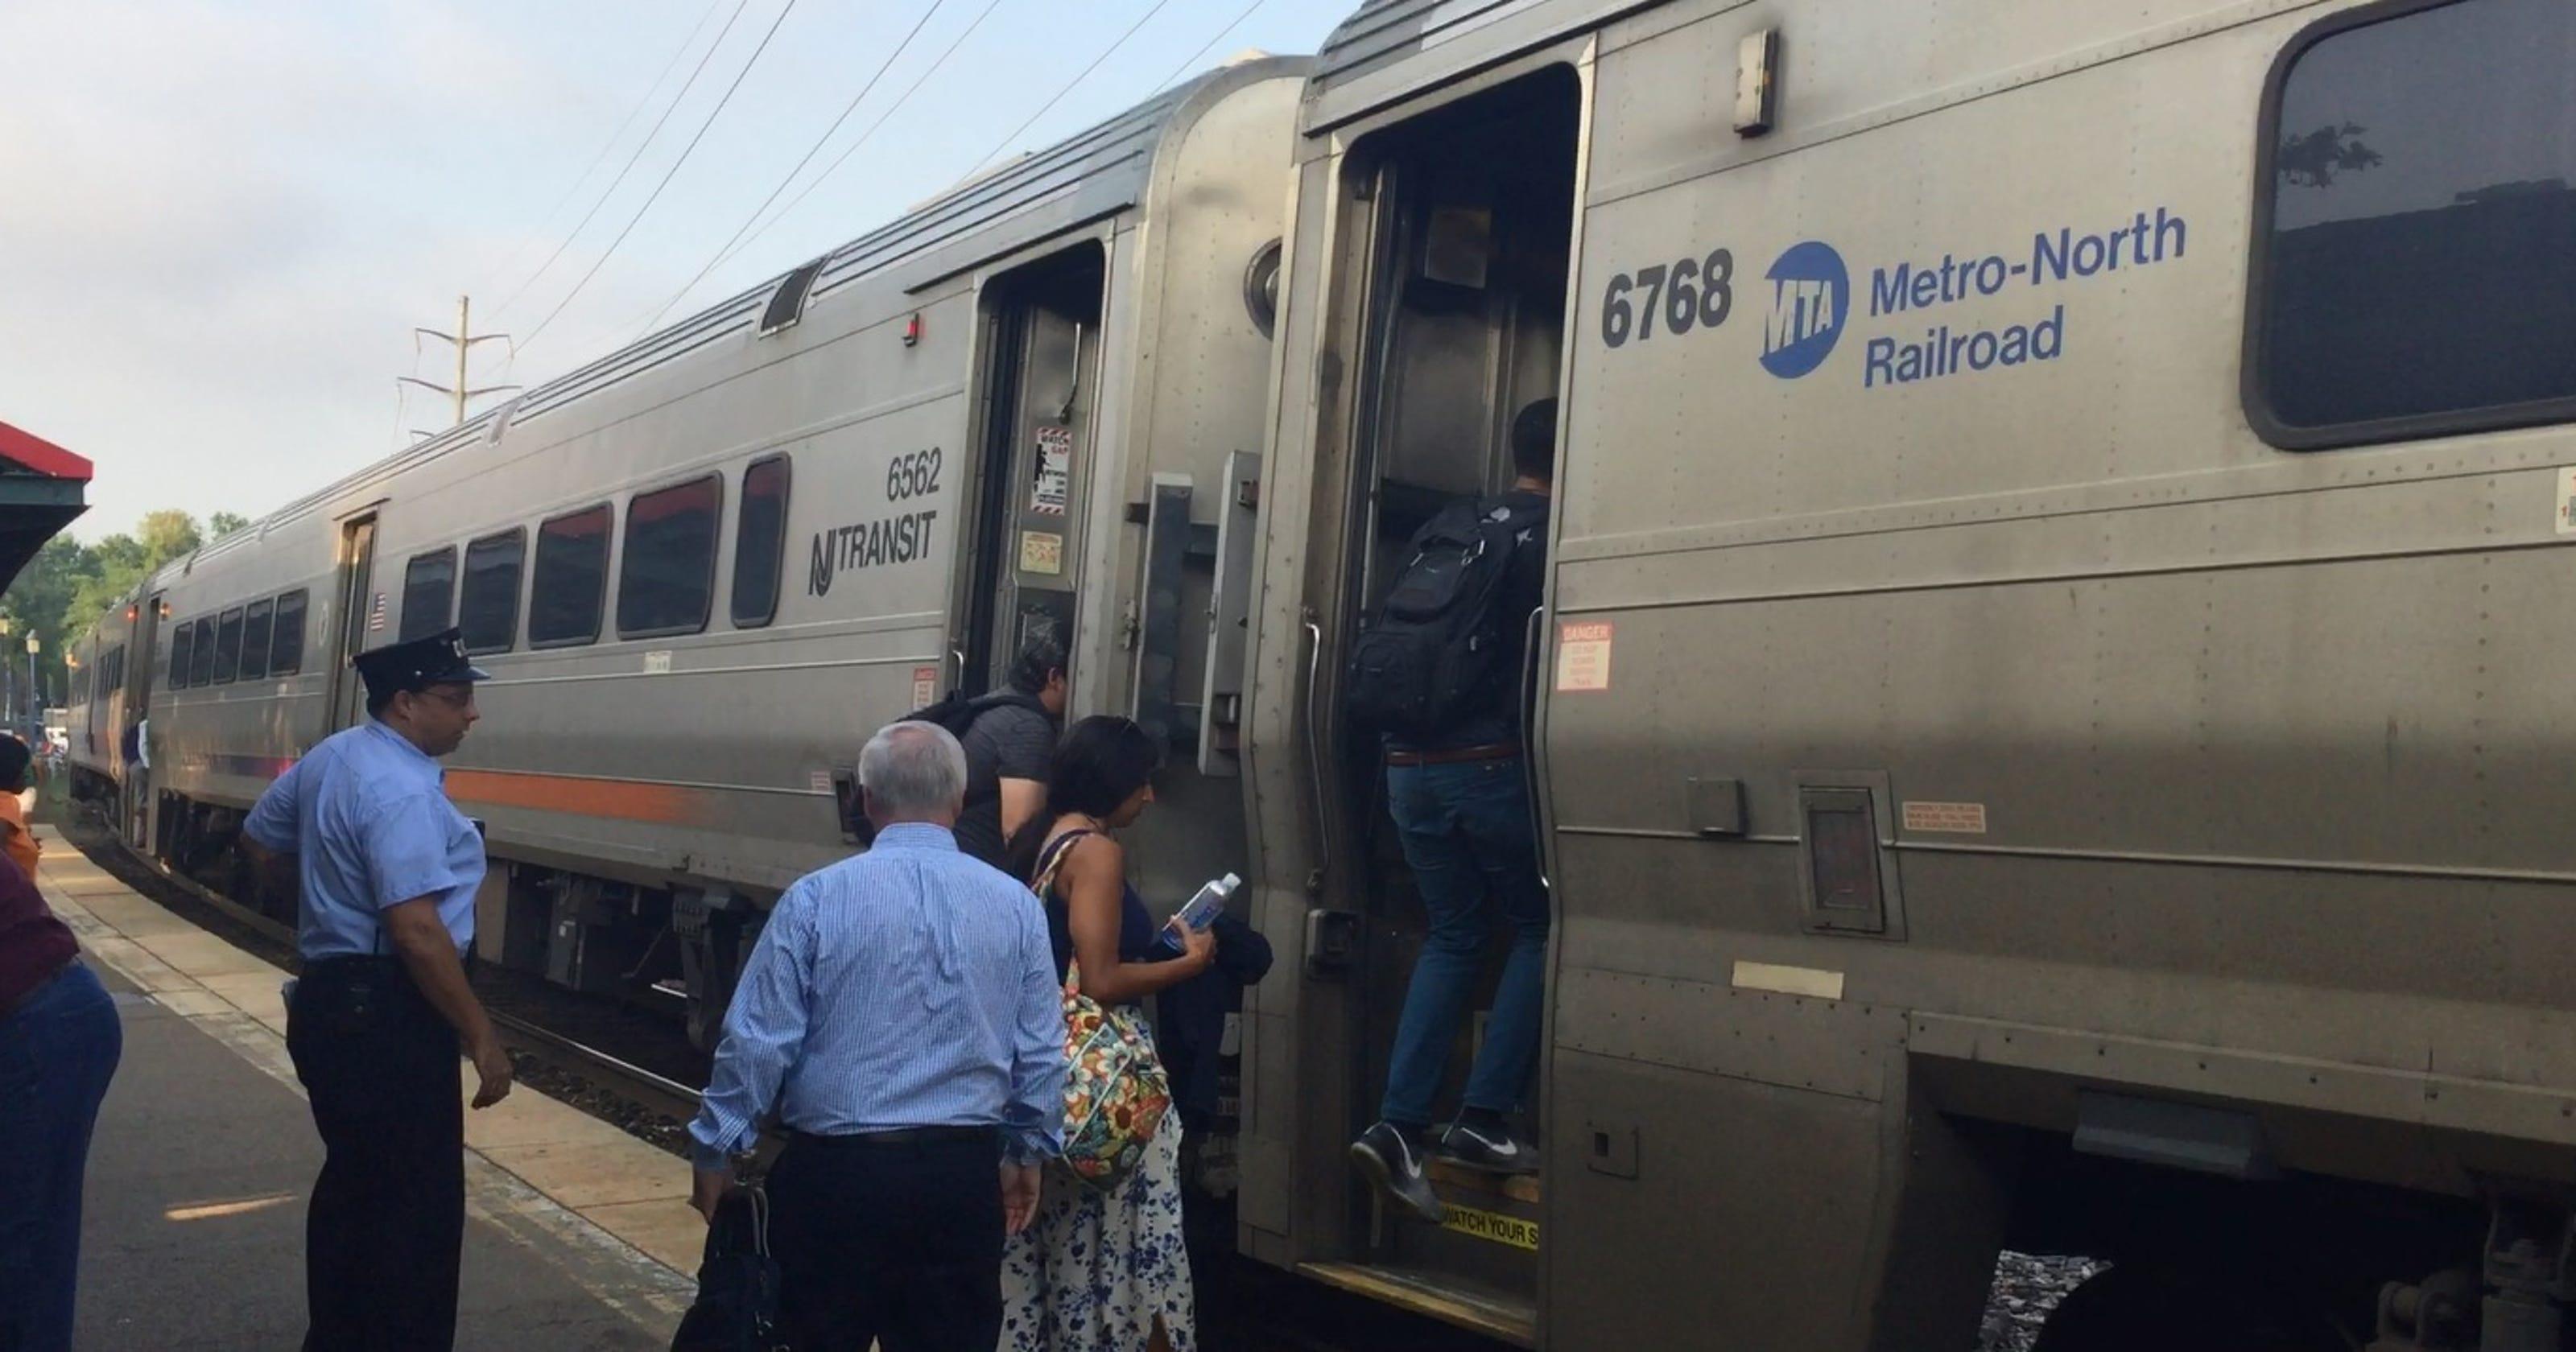 Why Cuomo Bridge rail 'will free Rockland' County NY